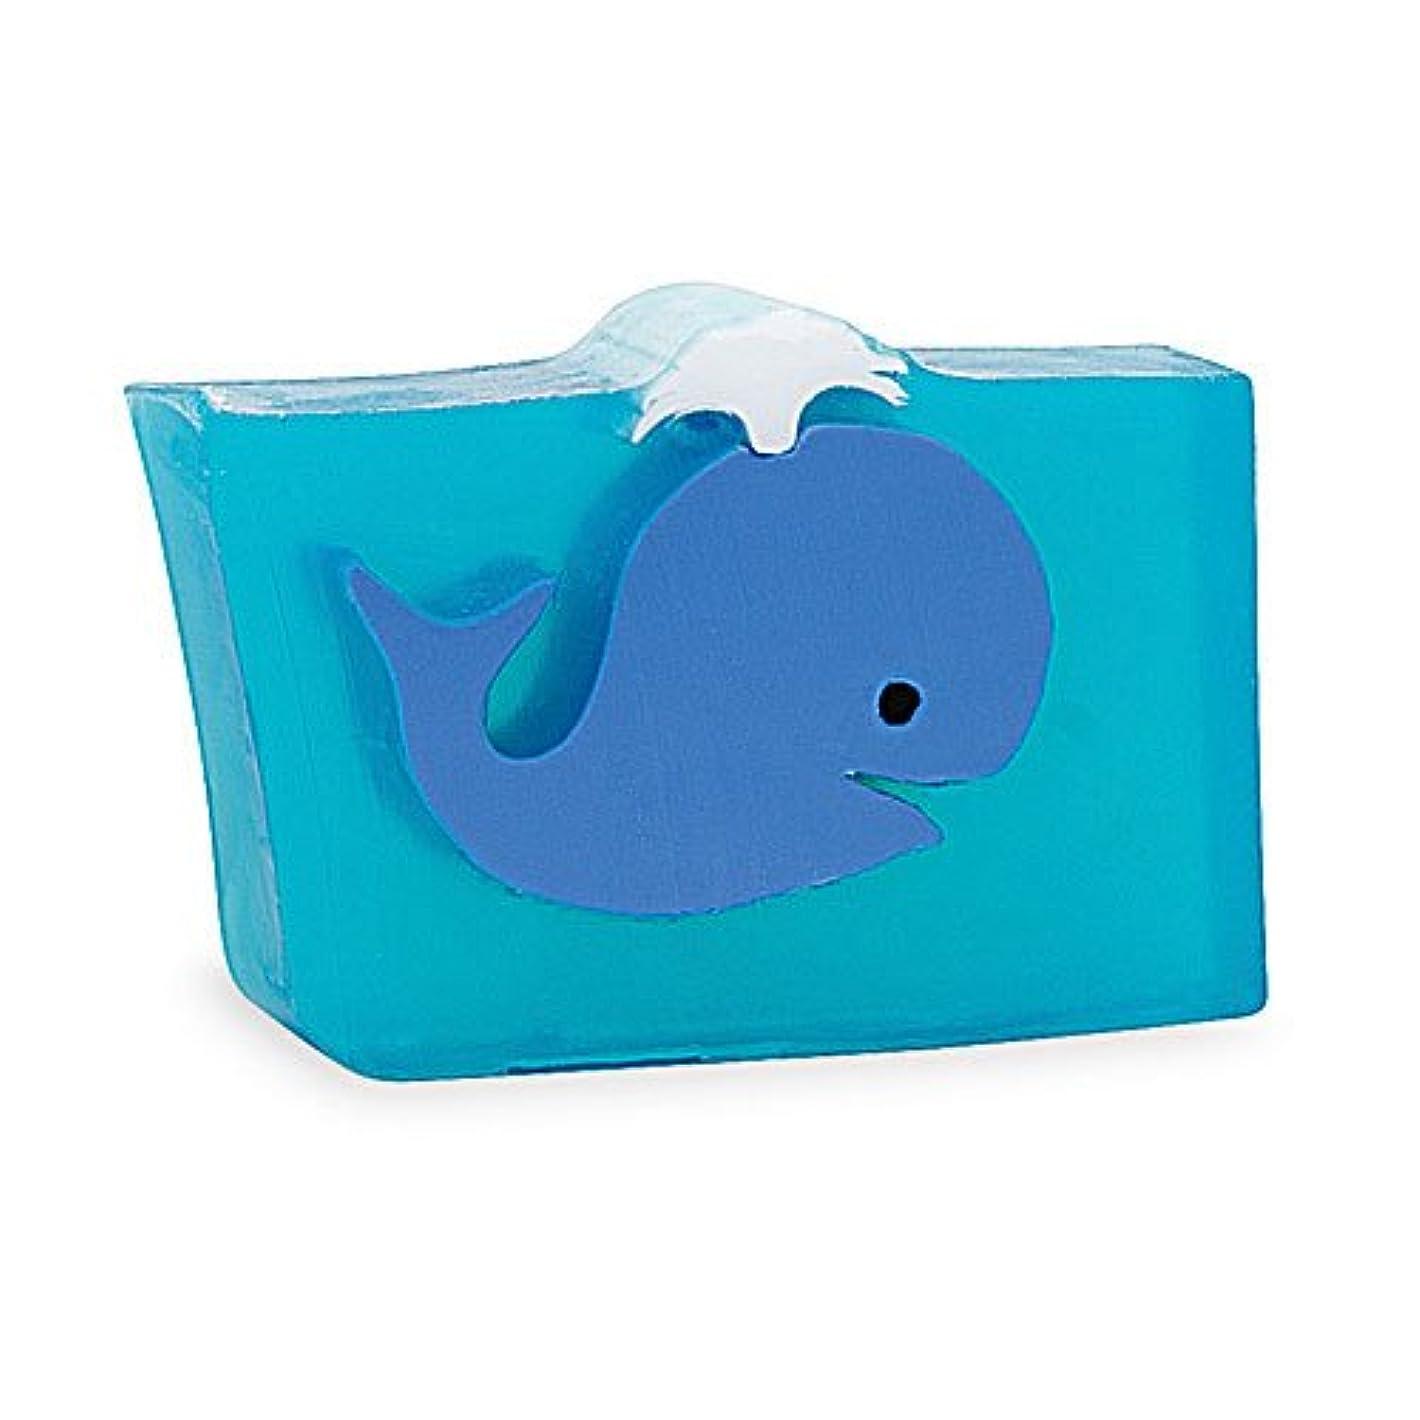 プライモールエレメンツ アロマティック ソープ クジラ 180g 植物性 ナチュラル 石鹸 無添加